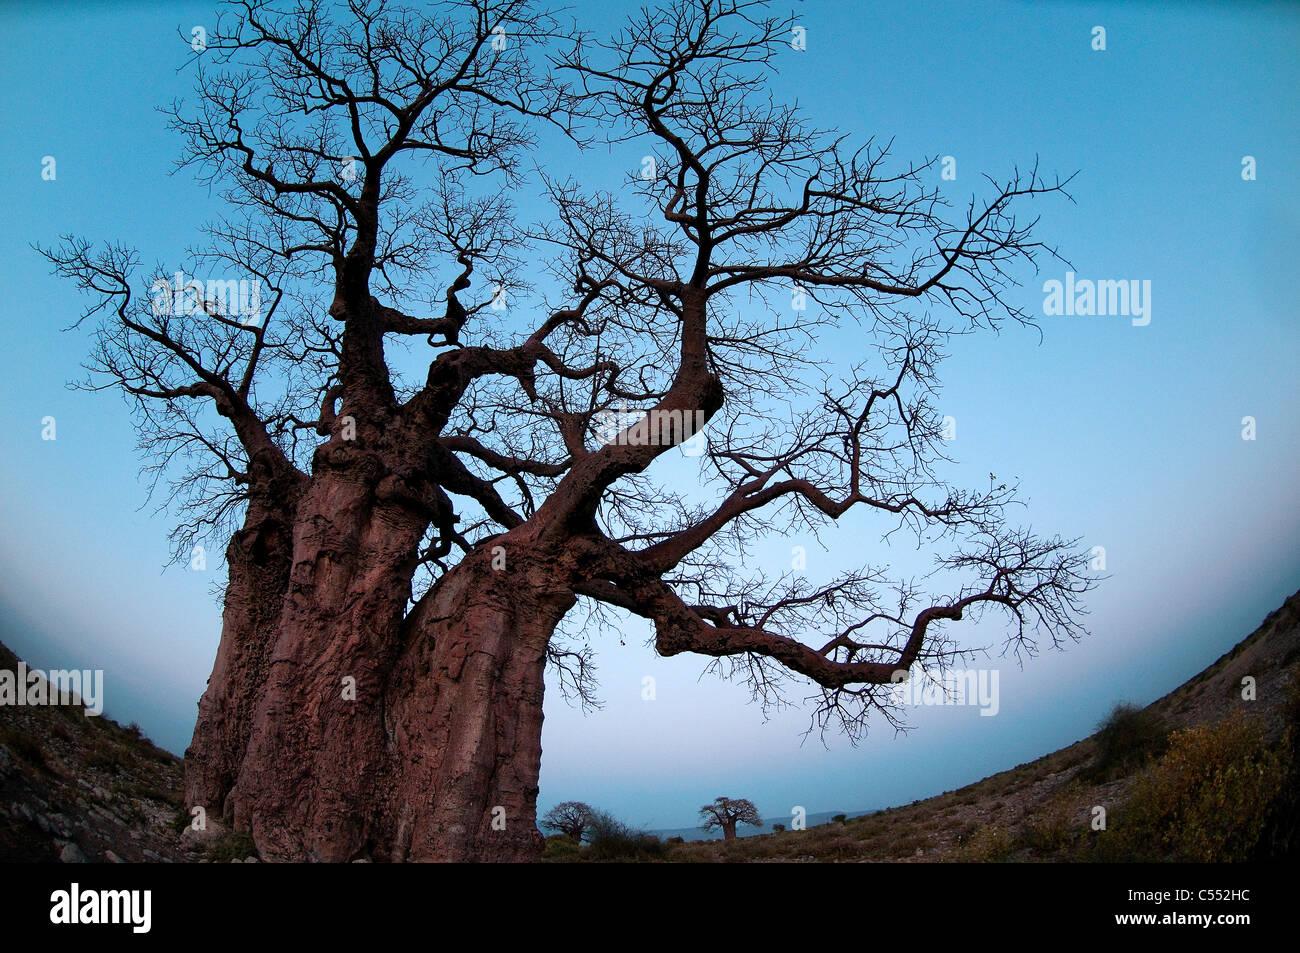 Low angle view of a baobab tree, Lake Manyara National Park, Tanzania - Stock Image